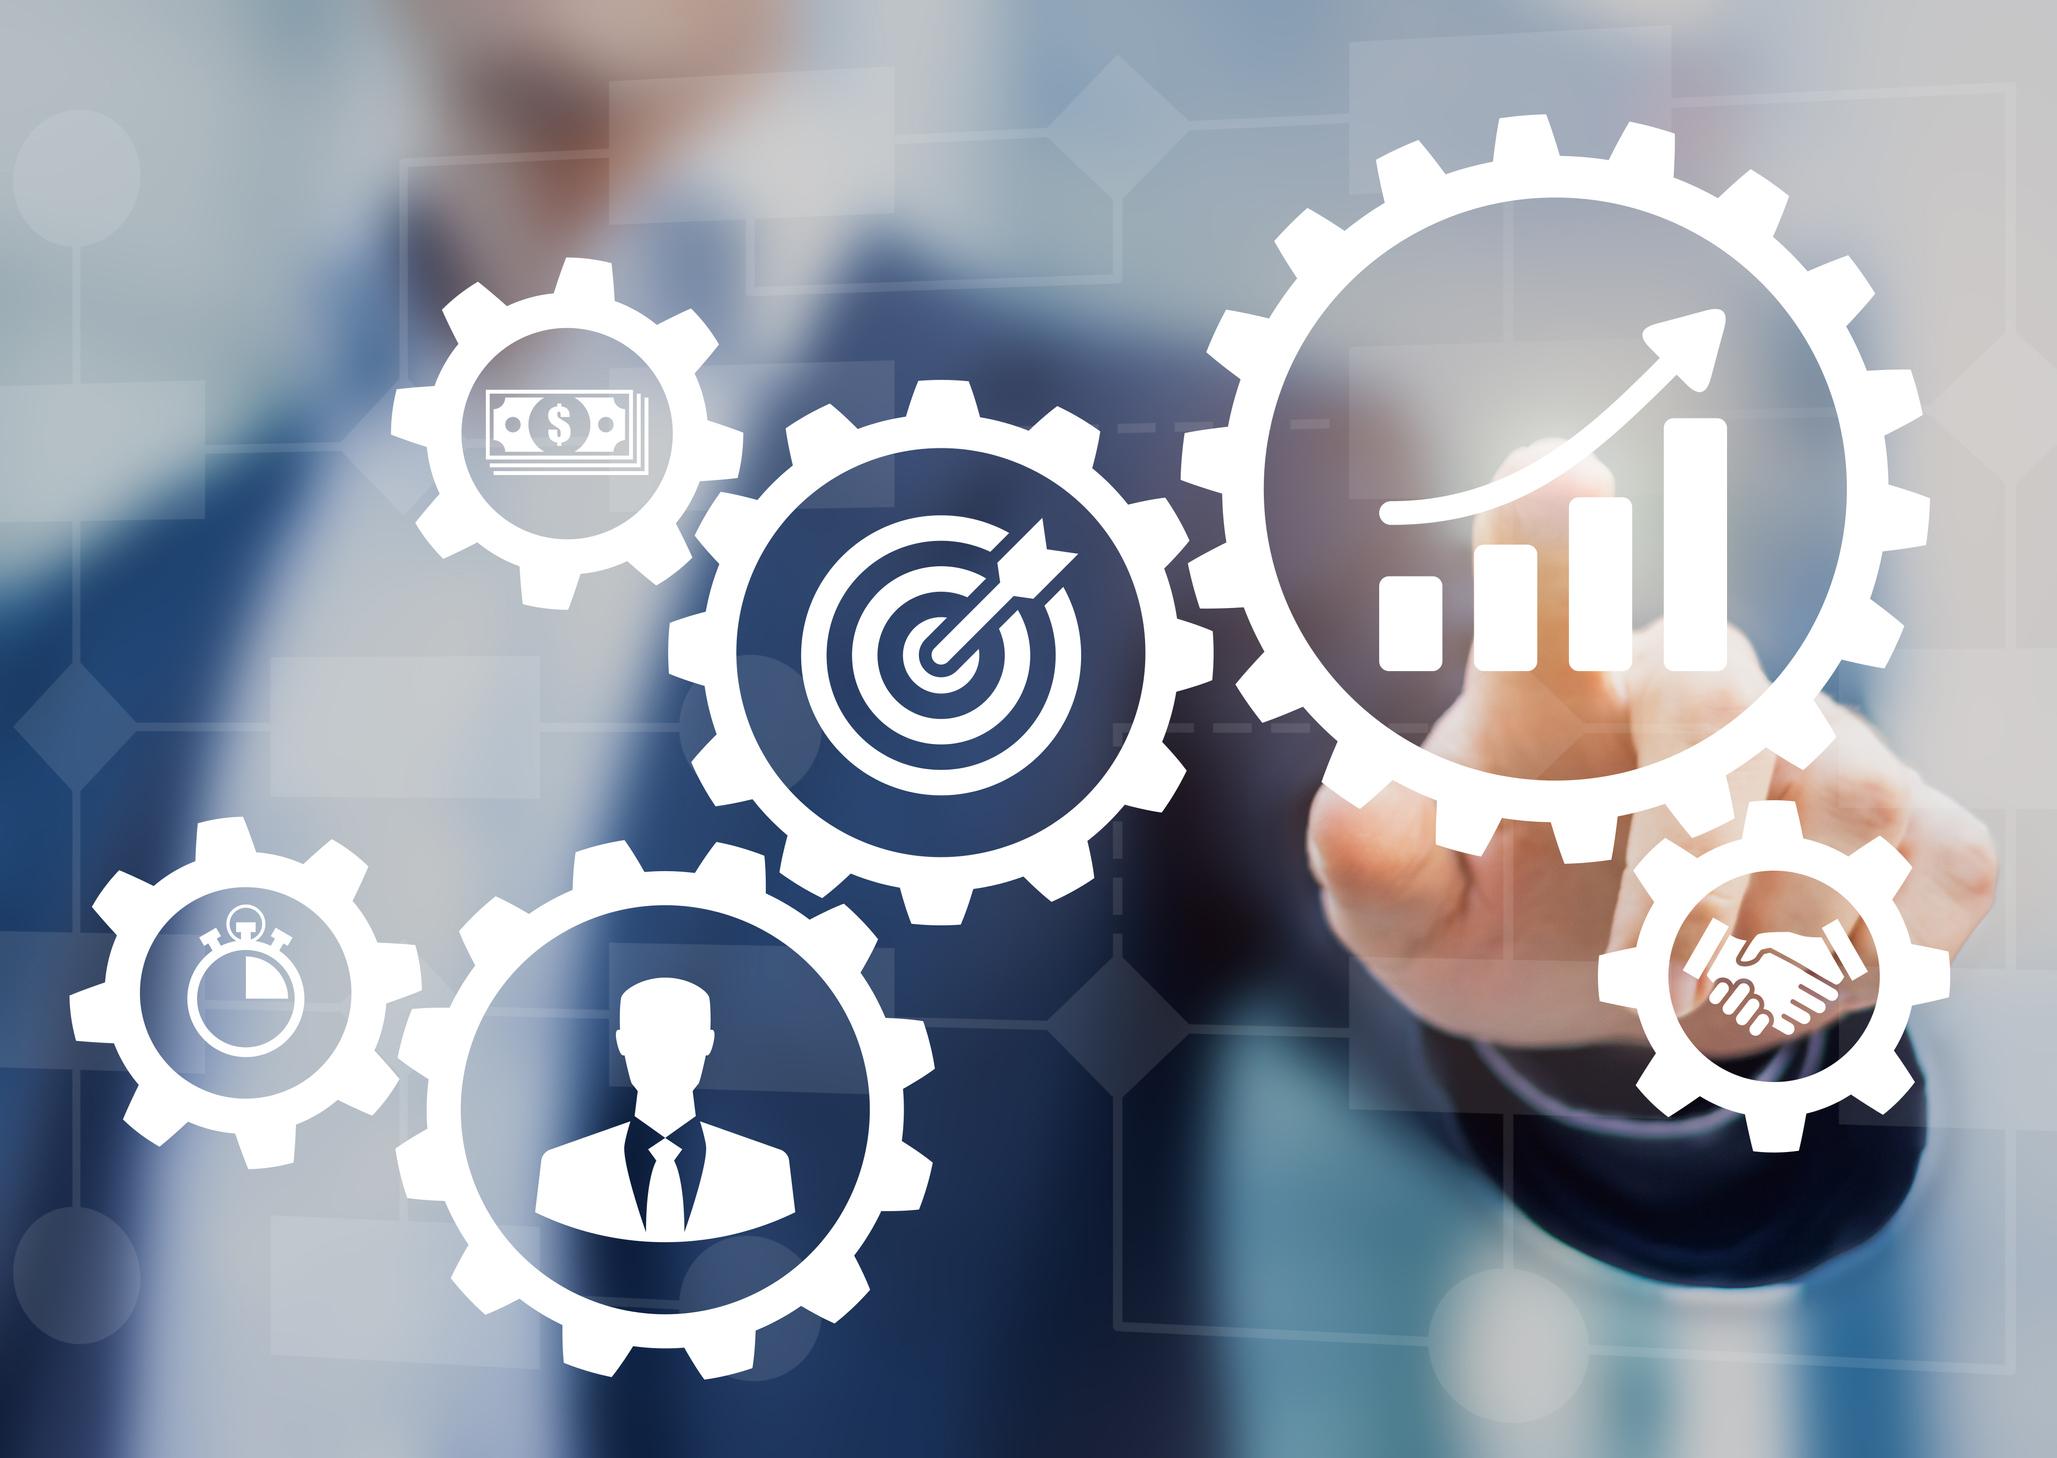 Gartner finds RPA is fastest growing market in enterprise software |  TechCrunch